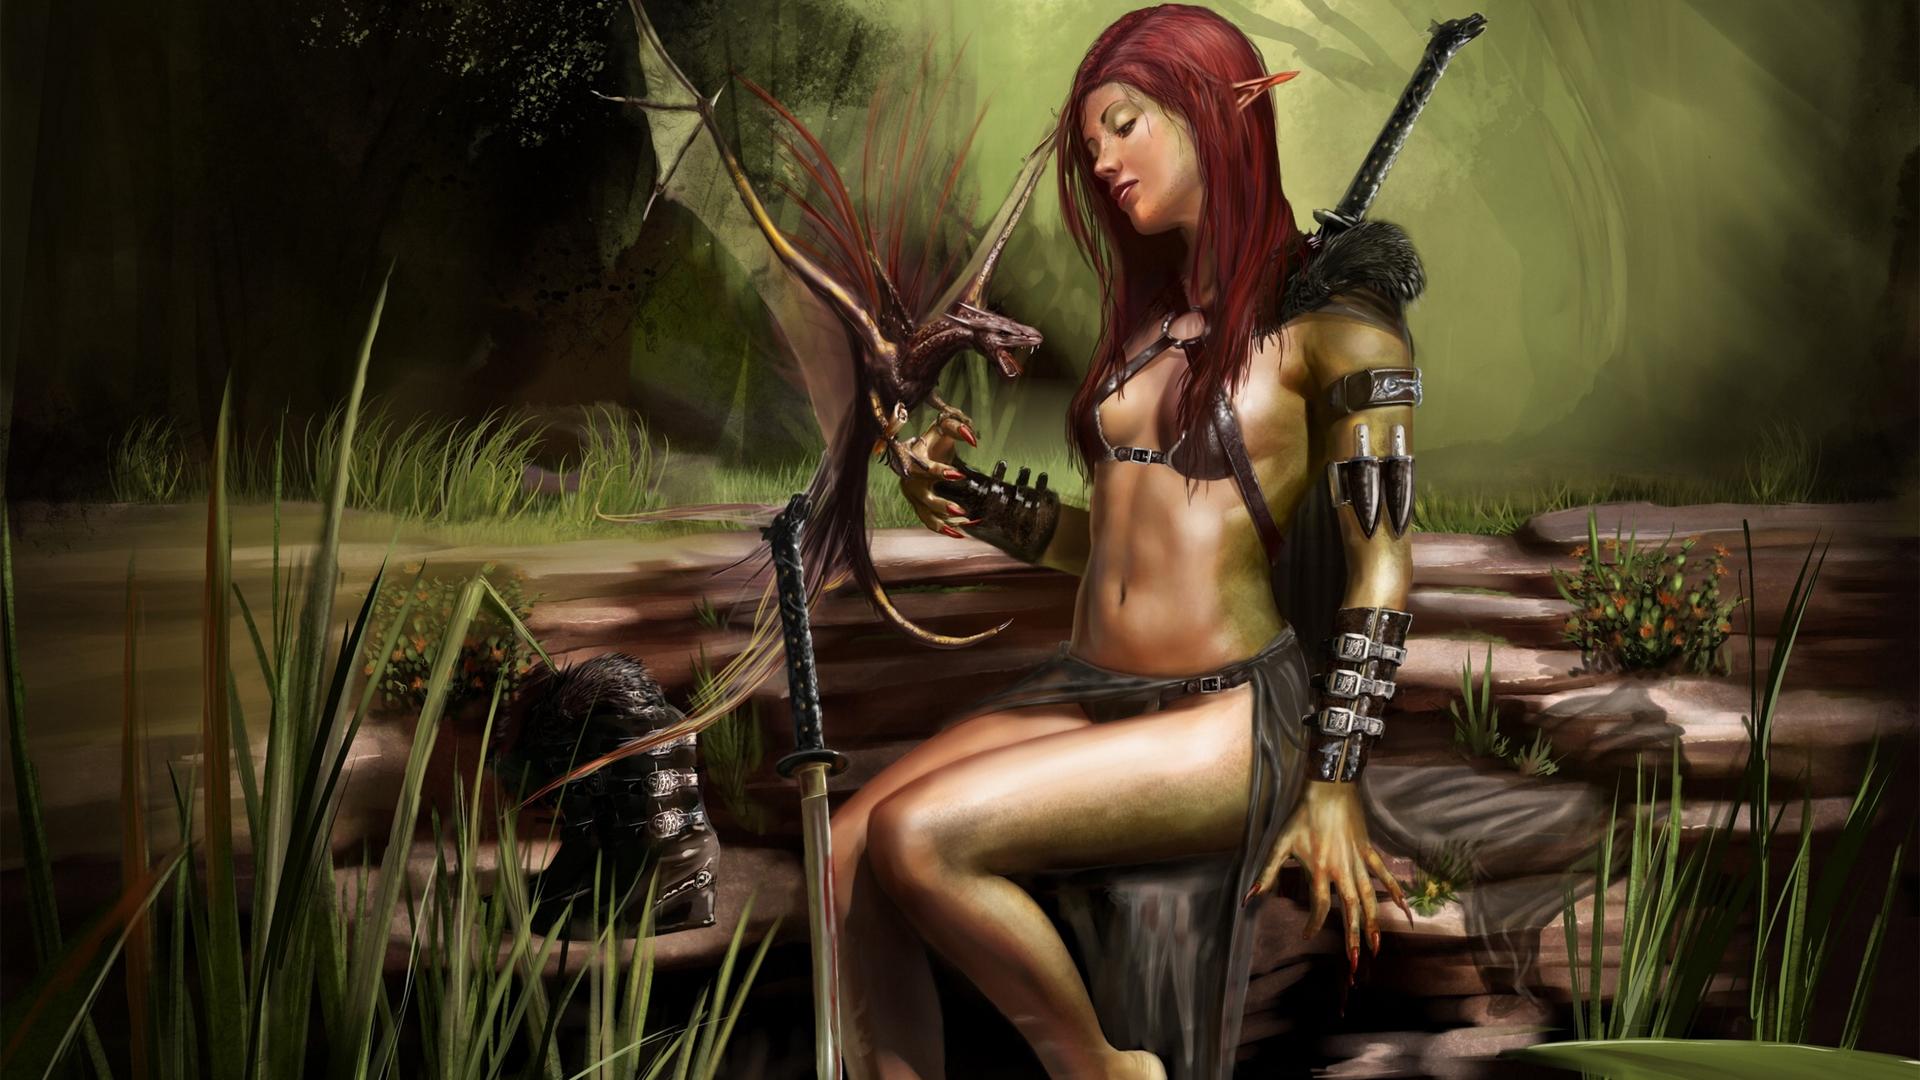 Sexy elf wallpaper nude pics